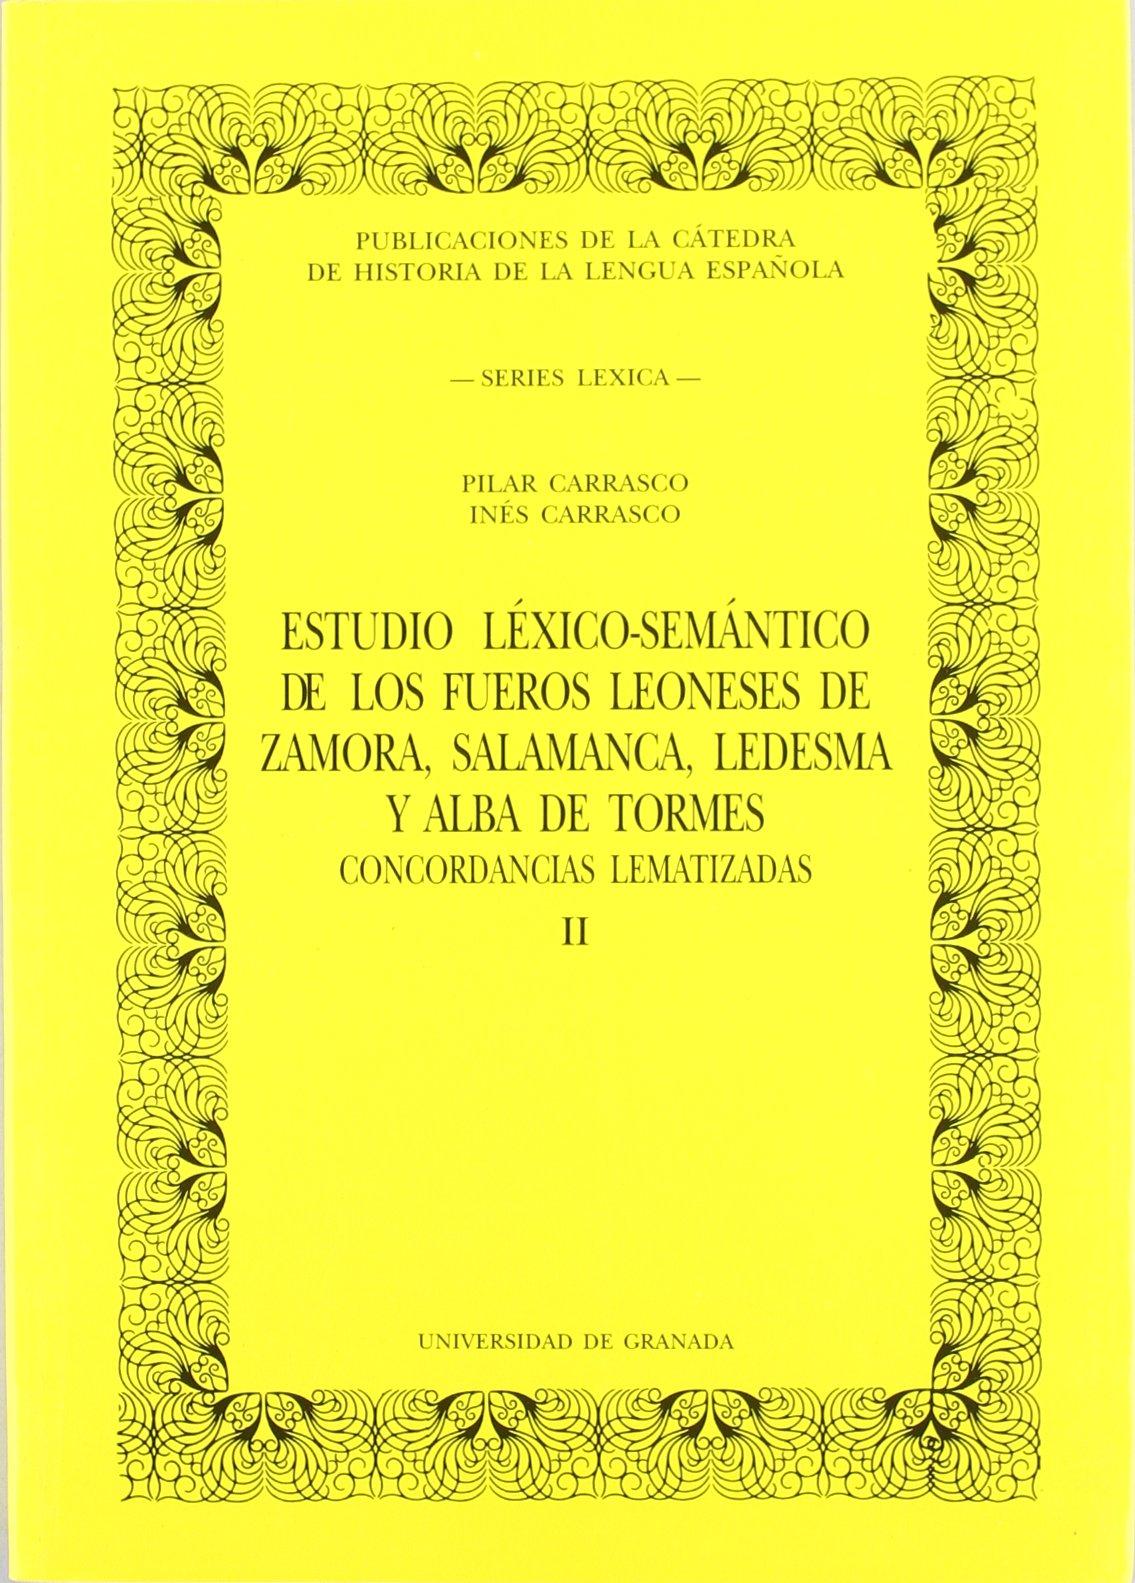 Estudio léxico-semántico de los fueros leoneses de Zamora, Salamanca, Ledesma y Alba de Tormes: concordancias lematizadas